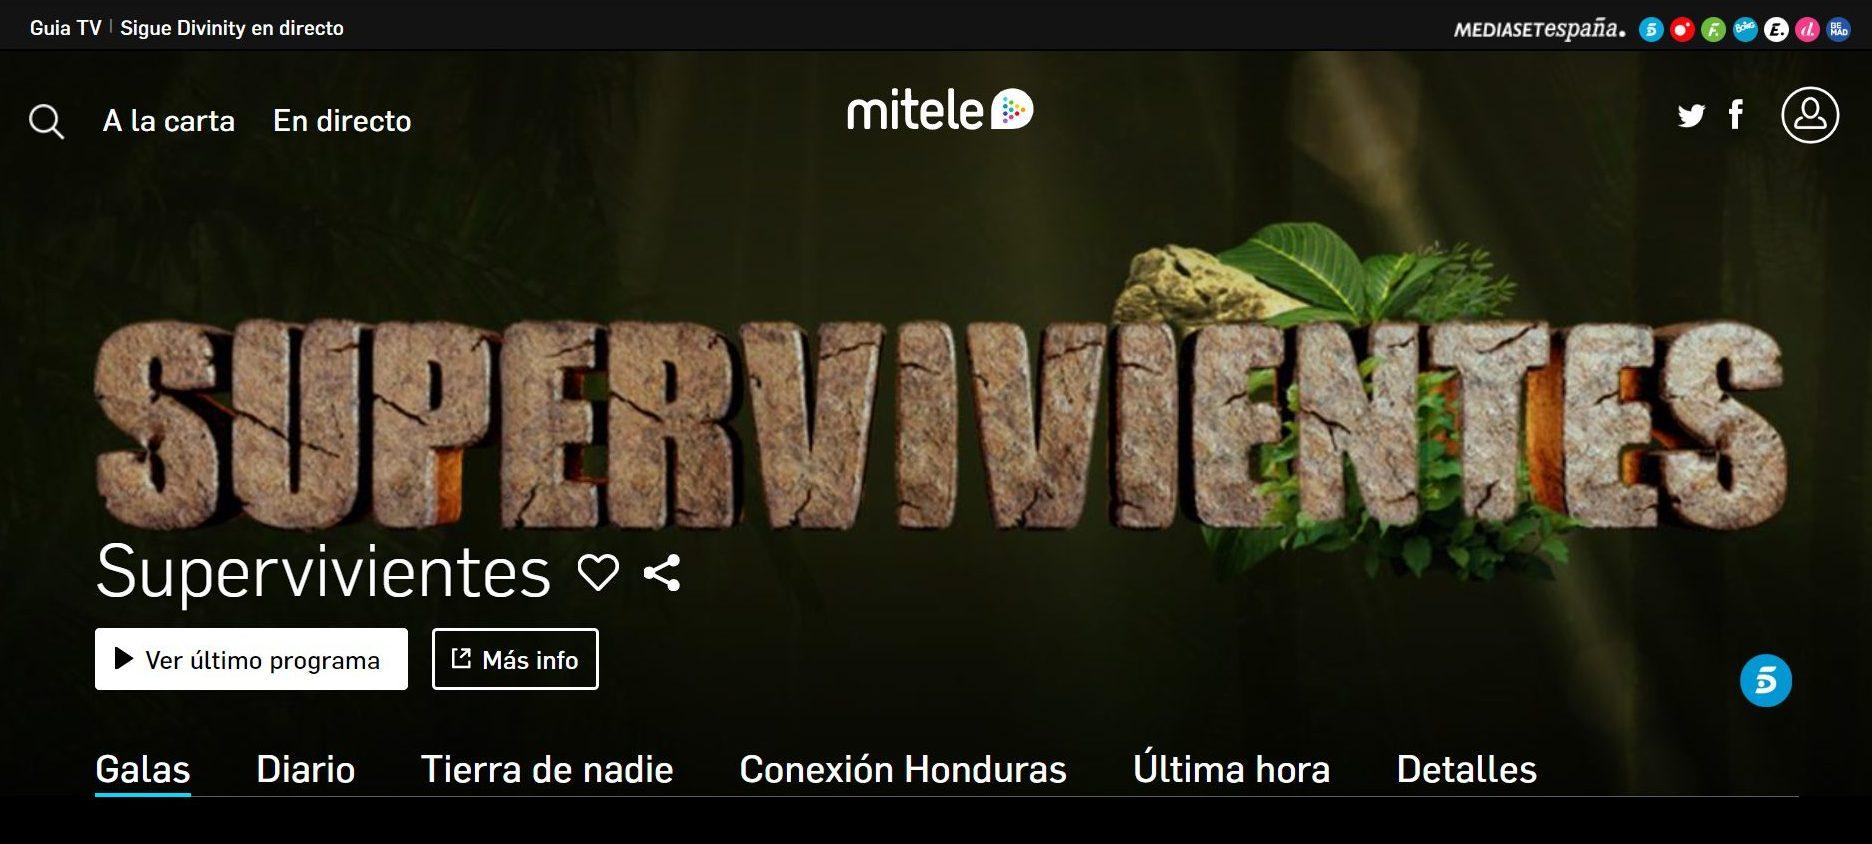 Supervivientes tiene todas las papeletas para ser uno de los primeros contenidos de pago de MiTele